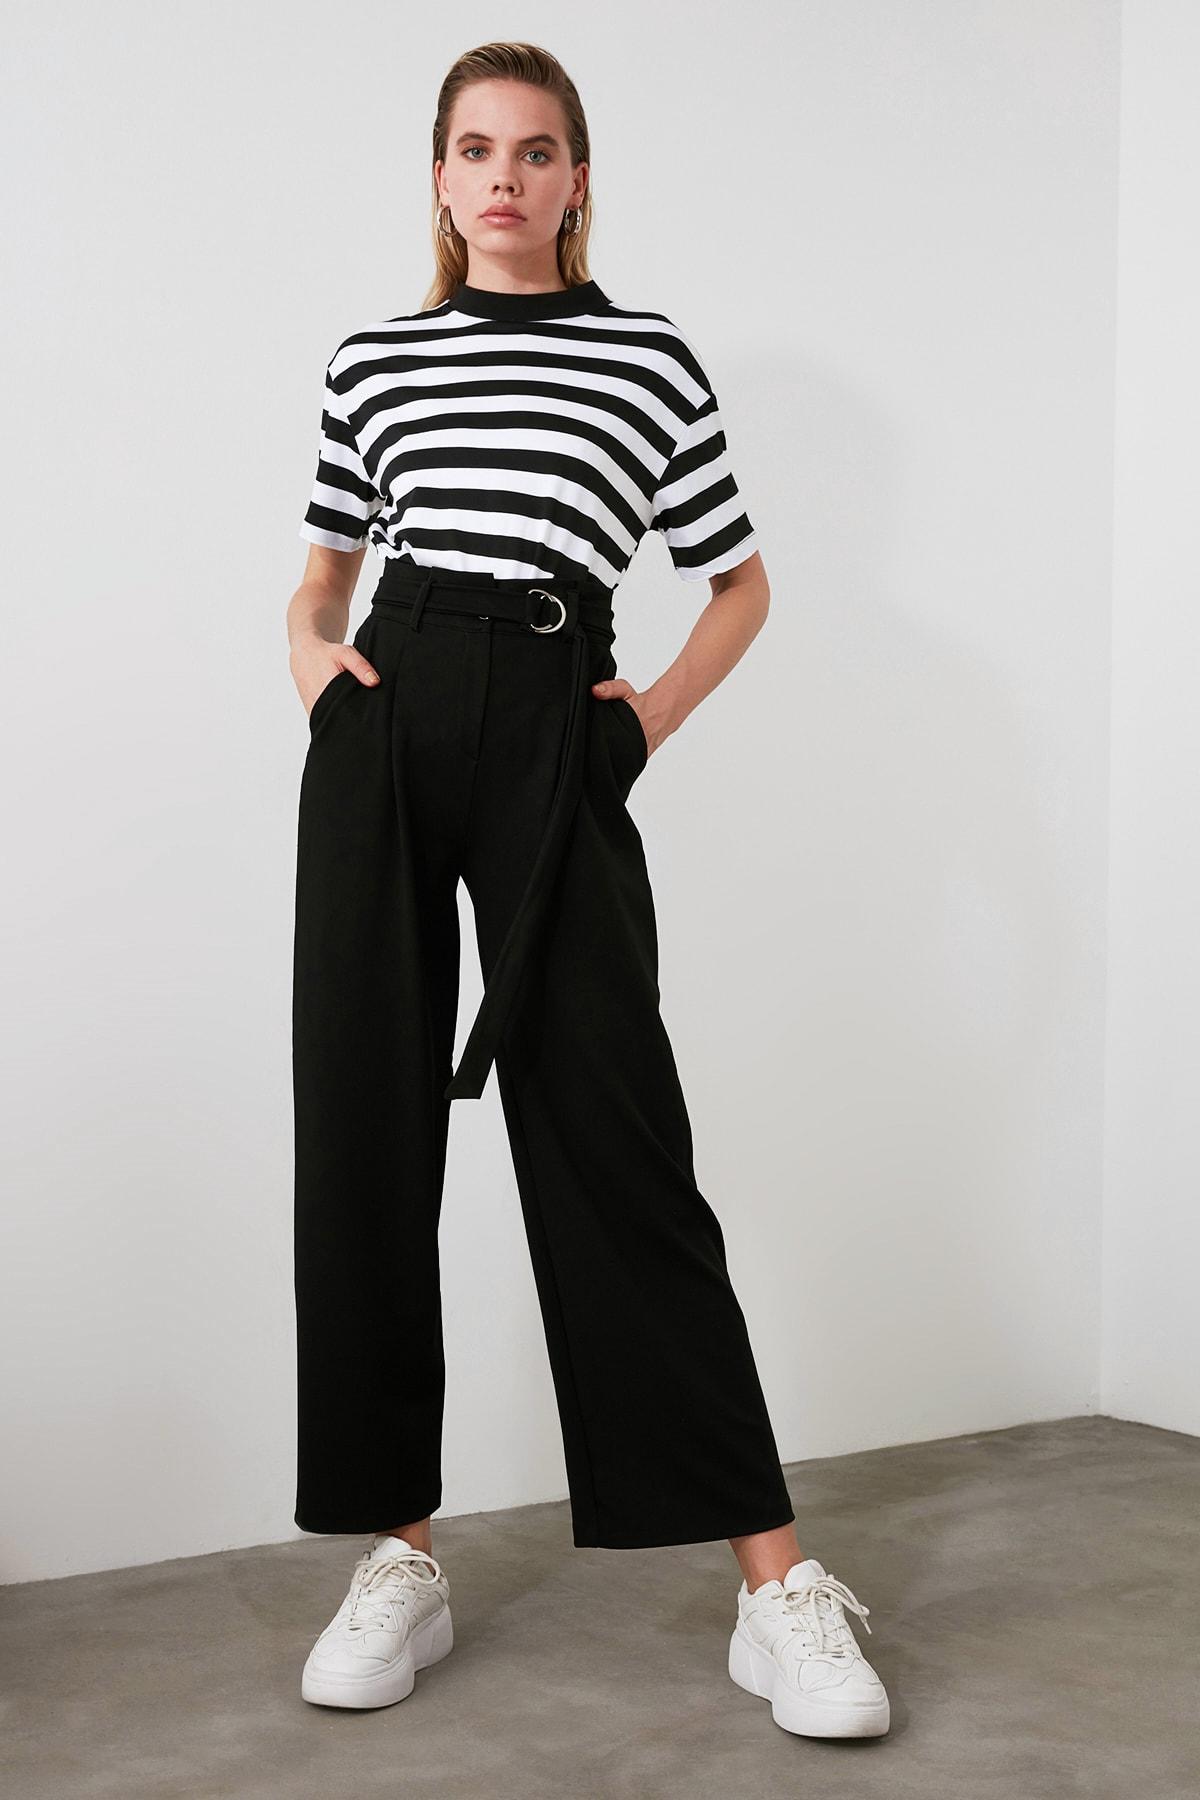 TRENDYOLMİLLA Siyah Kemerli Dökümlü Pileli Örme Pantolon TWOAW20PL0218 2